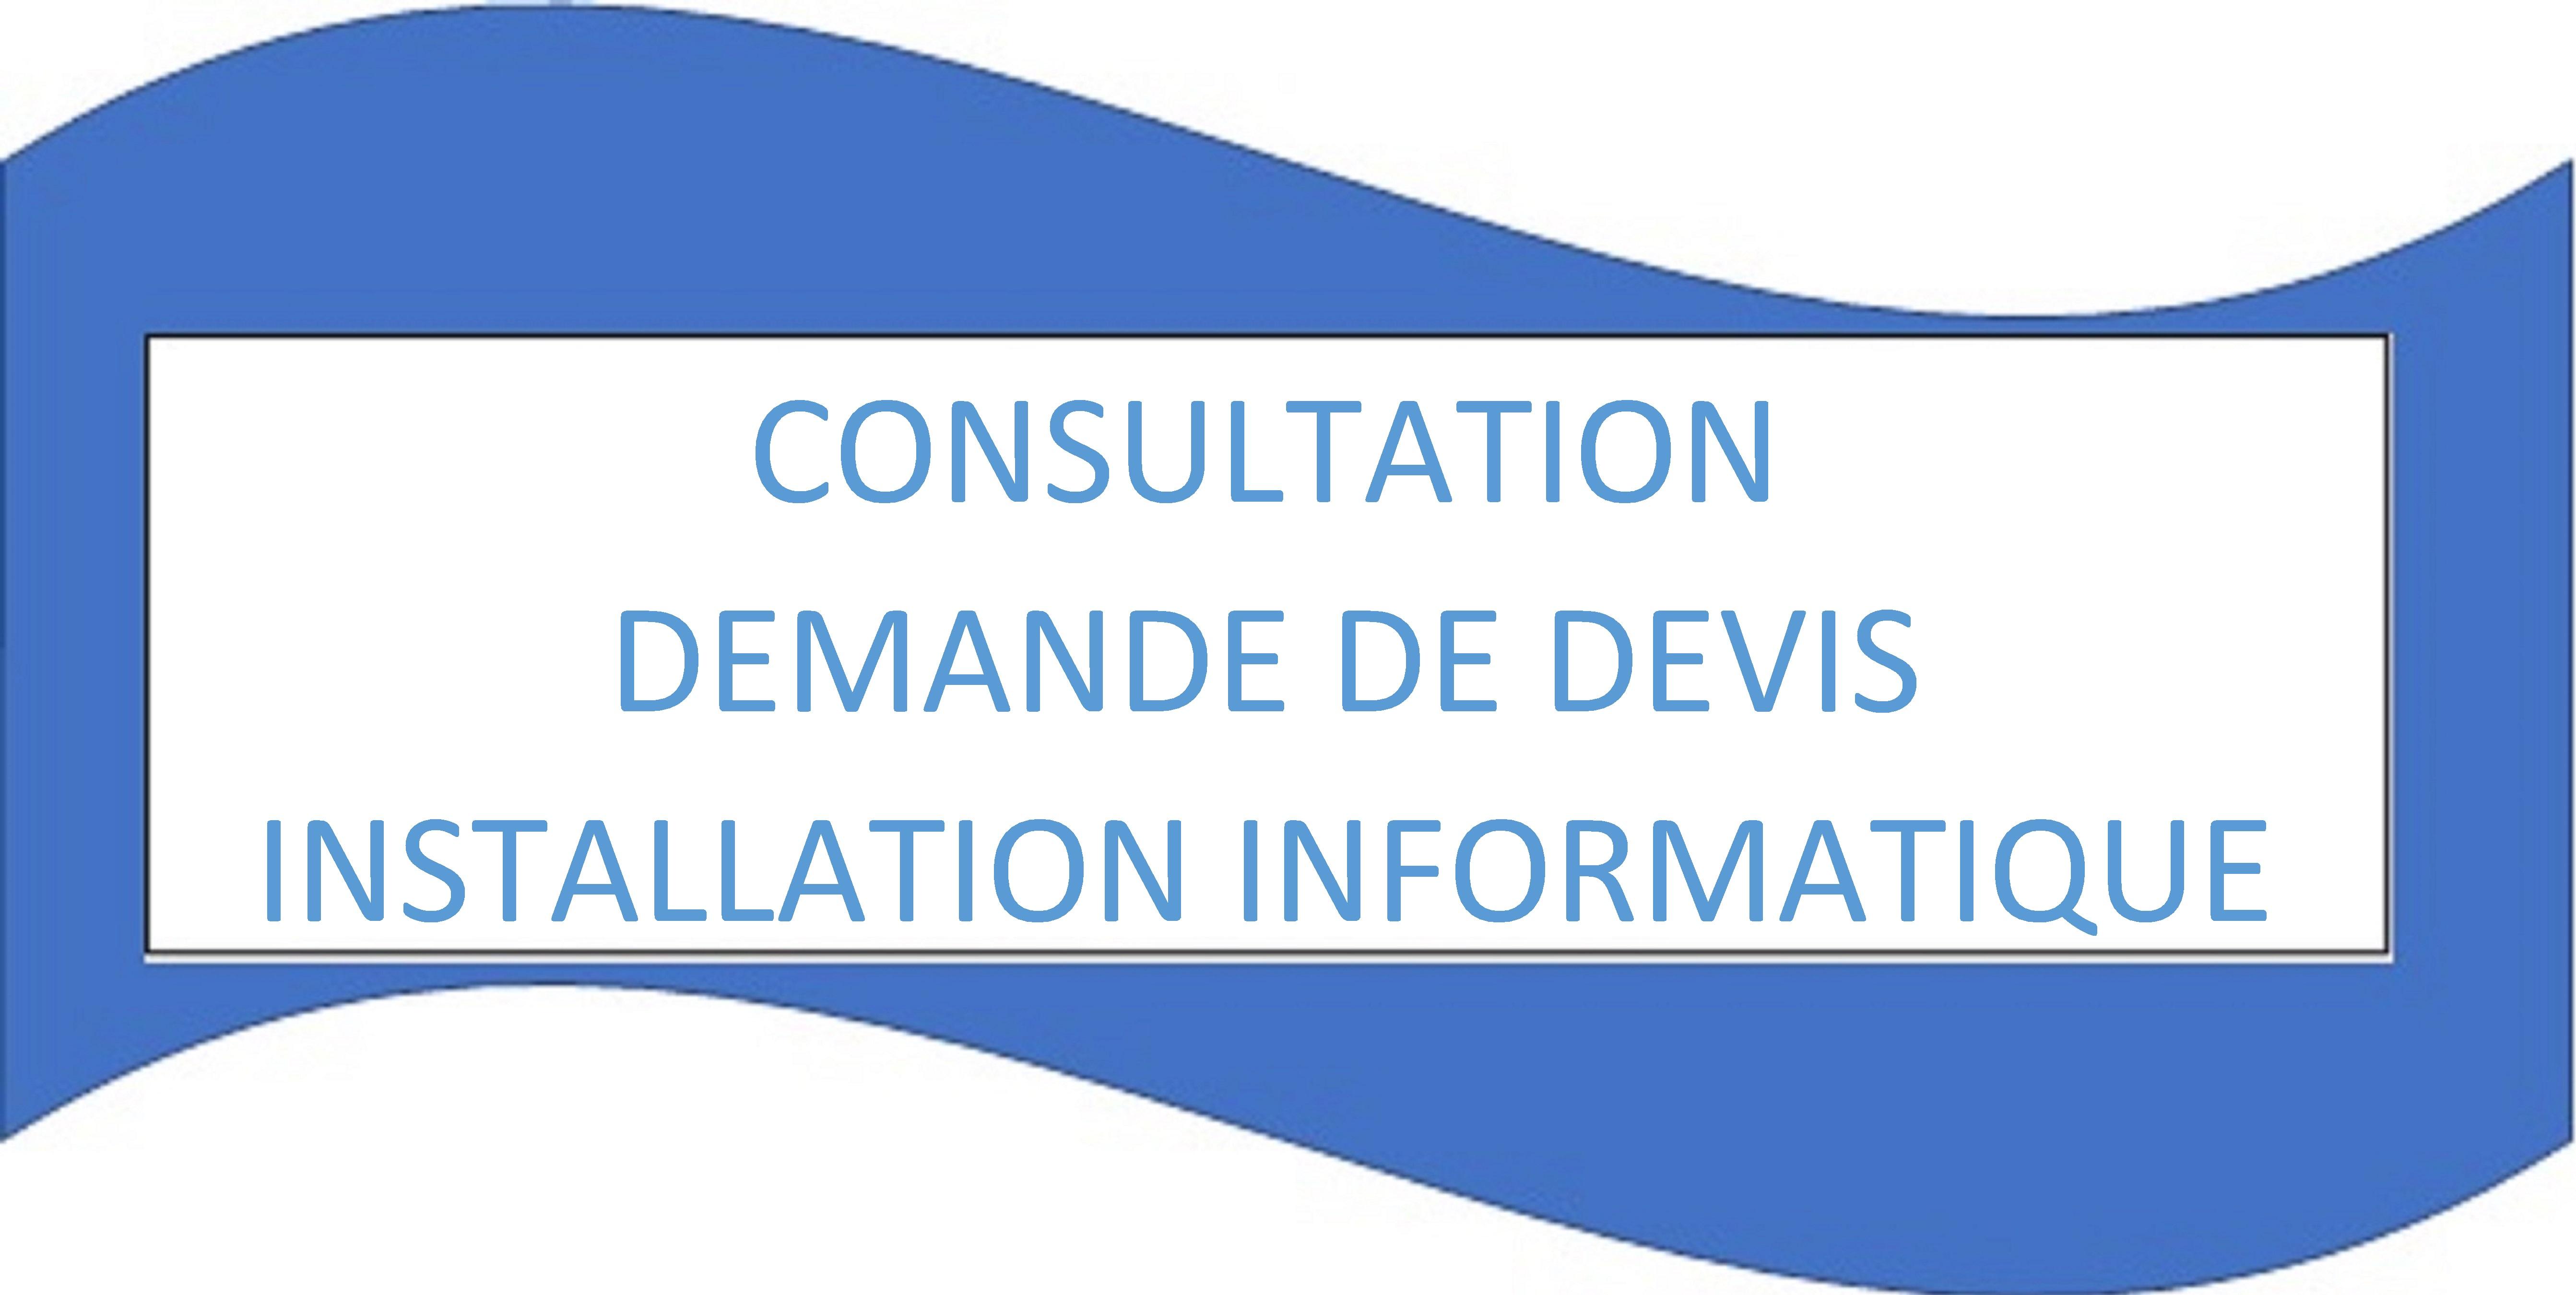 CONSULTATION – DEMANDE DE DEVIS POUR INSTALLATION INFORMATIQUE